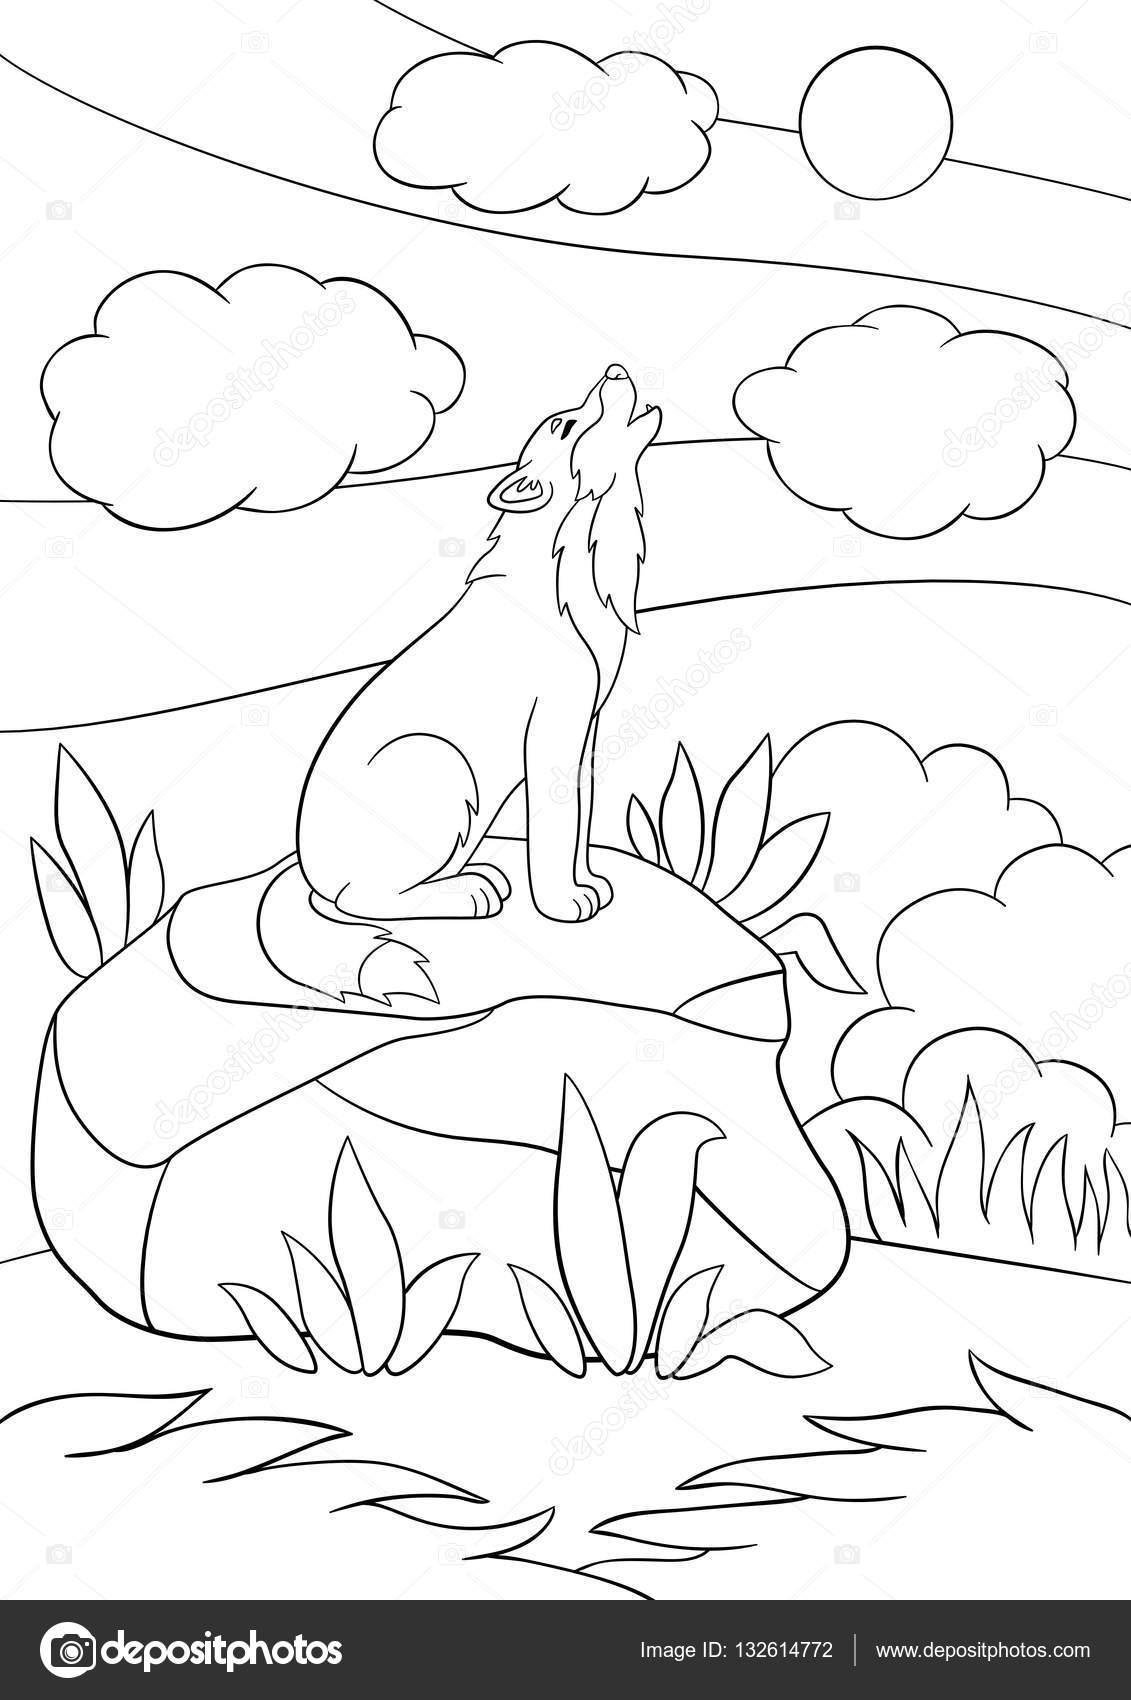 раскраски страниц милый красивый волк воет векторное